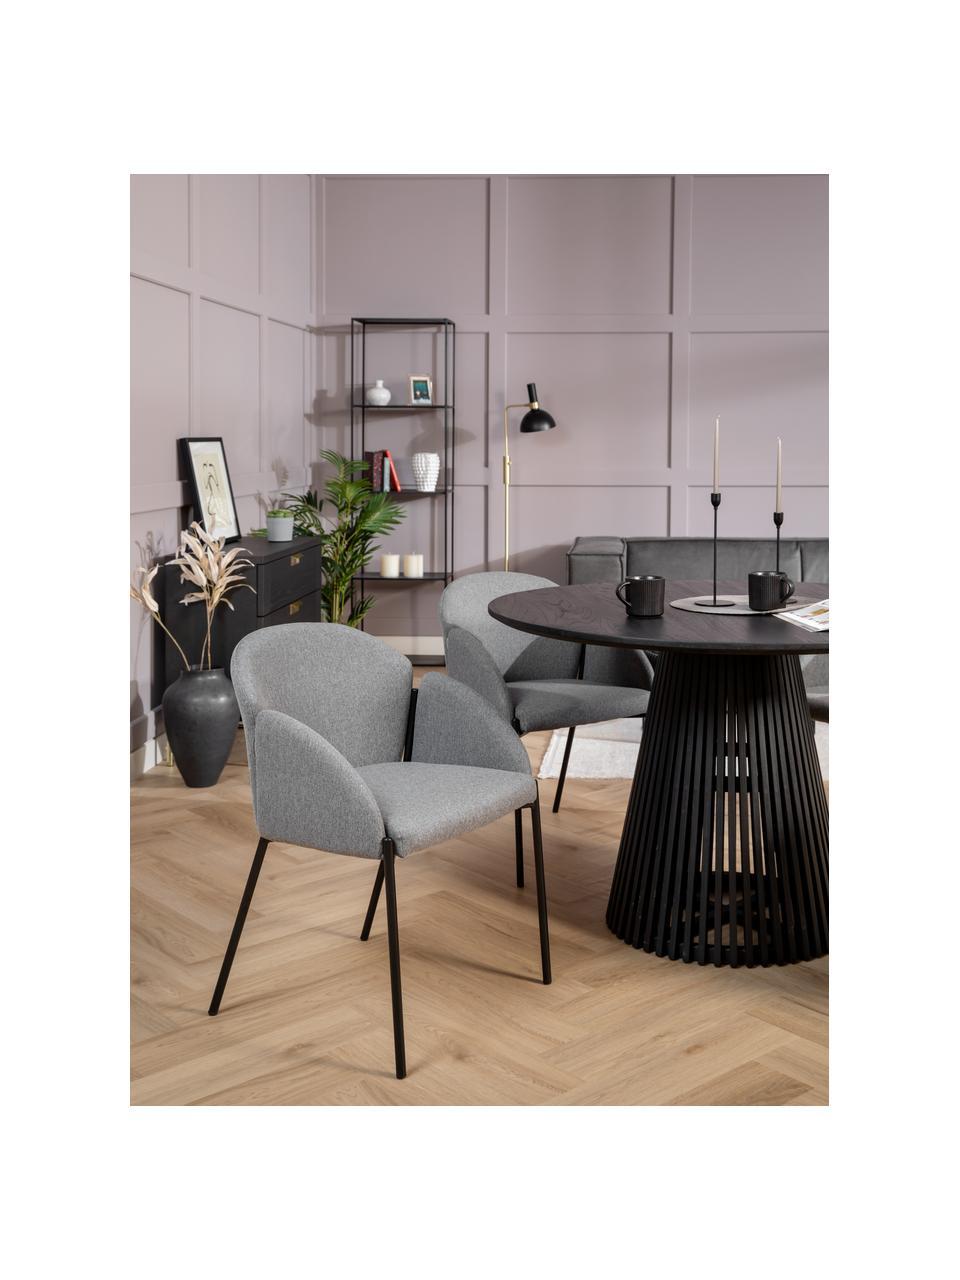 Krzesło tapicerowane z metalowymi nogami Malingu, Tapicerka: 95% poliester, 5% bawełna, Stelaż: metal lakierowany, Szary, S 60 x G 60 cm